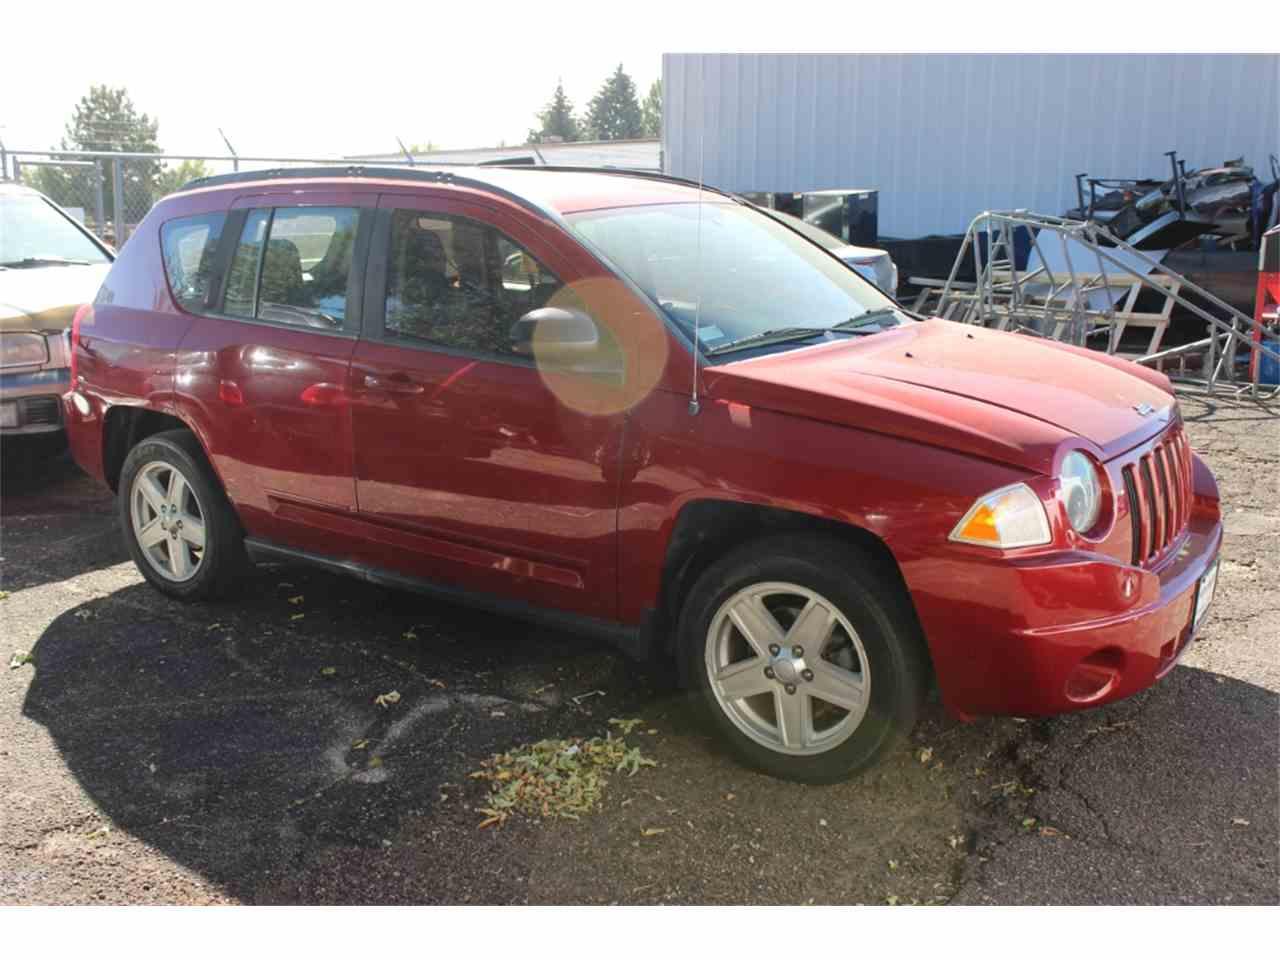 2005 BMW X5 for Sale | ClassicCars.com | CC-1021640